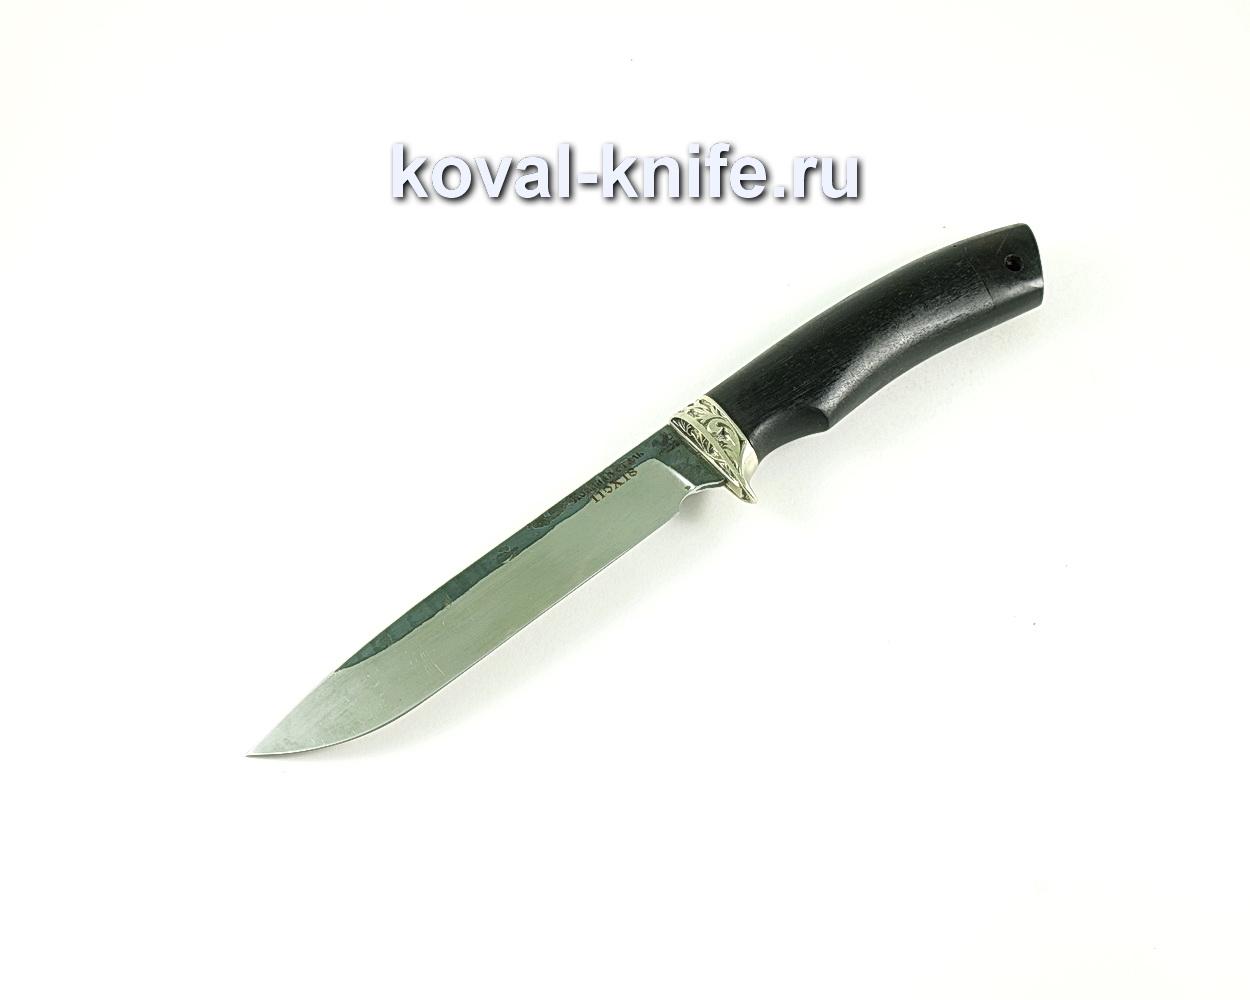 Нож Турист (сталь 110х18), рукоять граб, литье A155